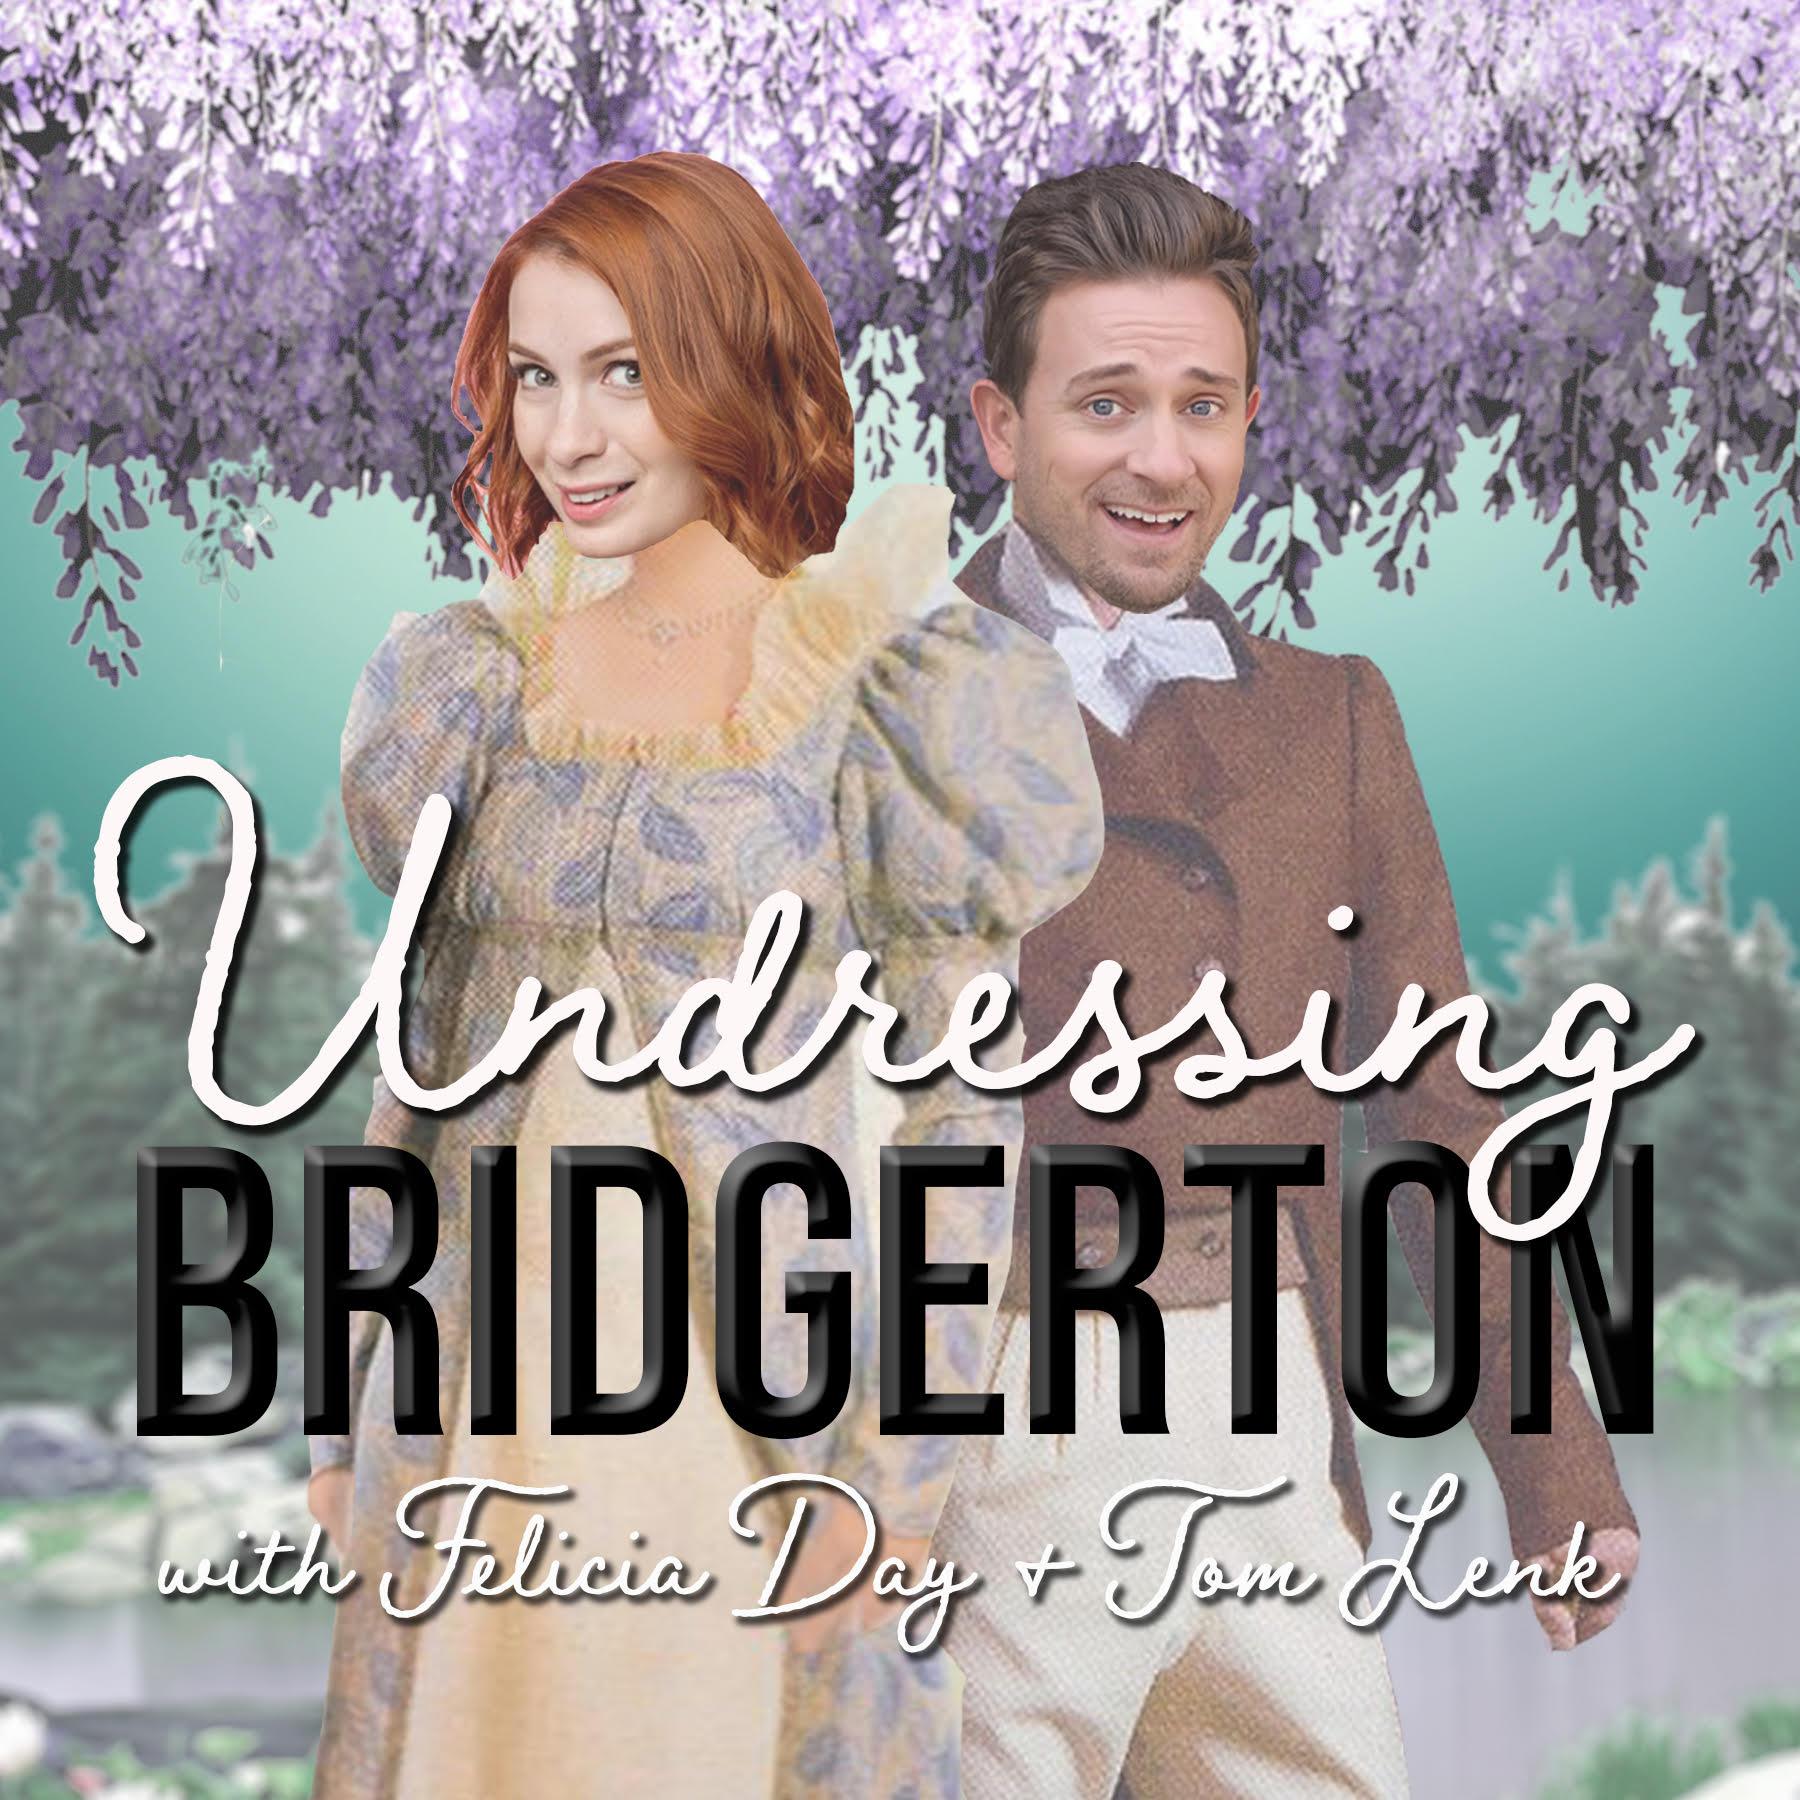 Show Announcement: Undressing Bridgerton